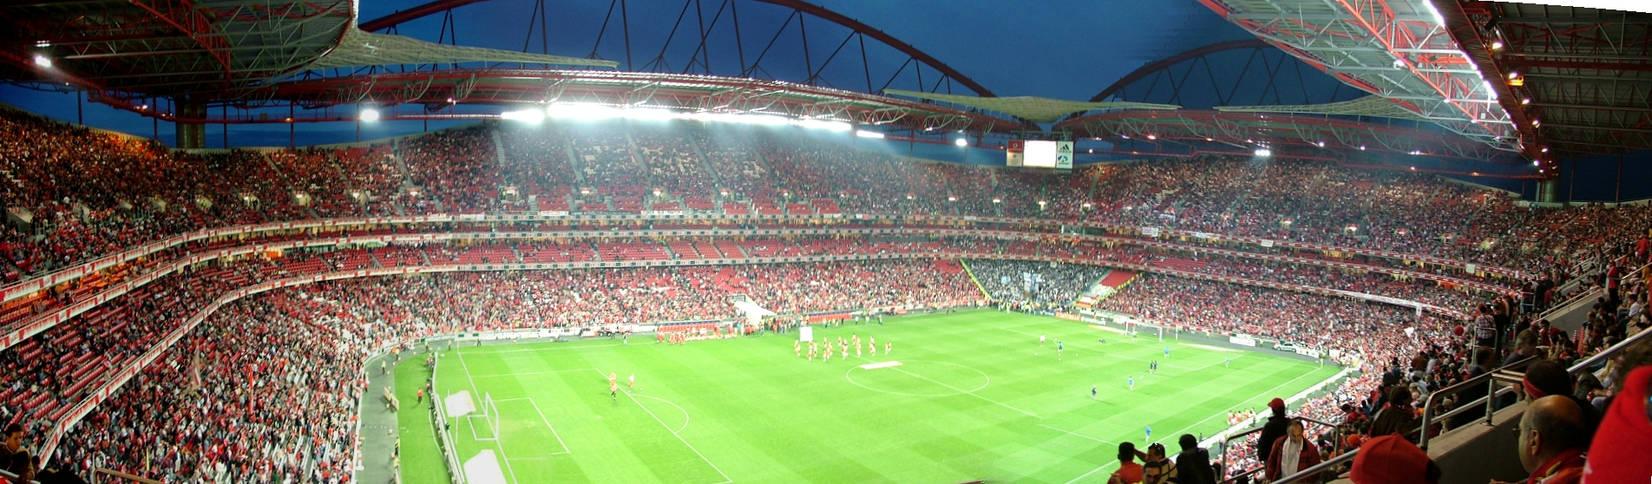 Benfica vs. Porto Panoramic